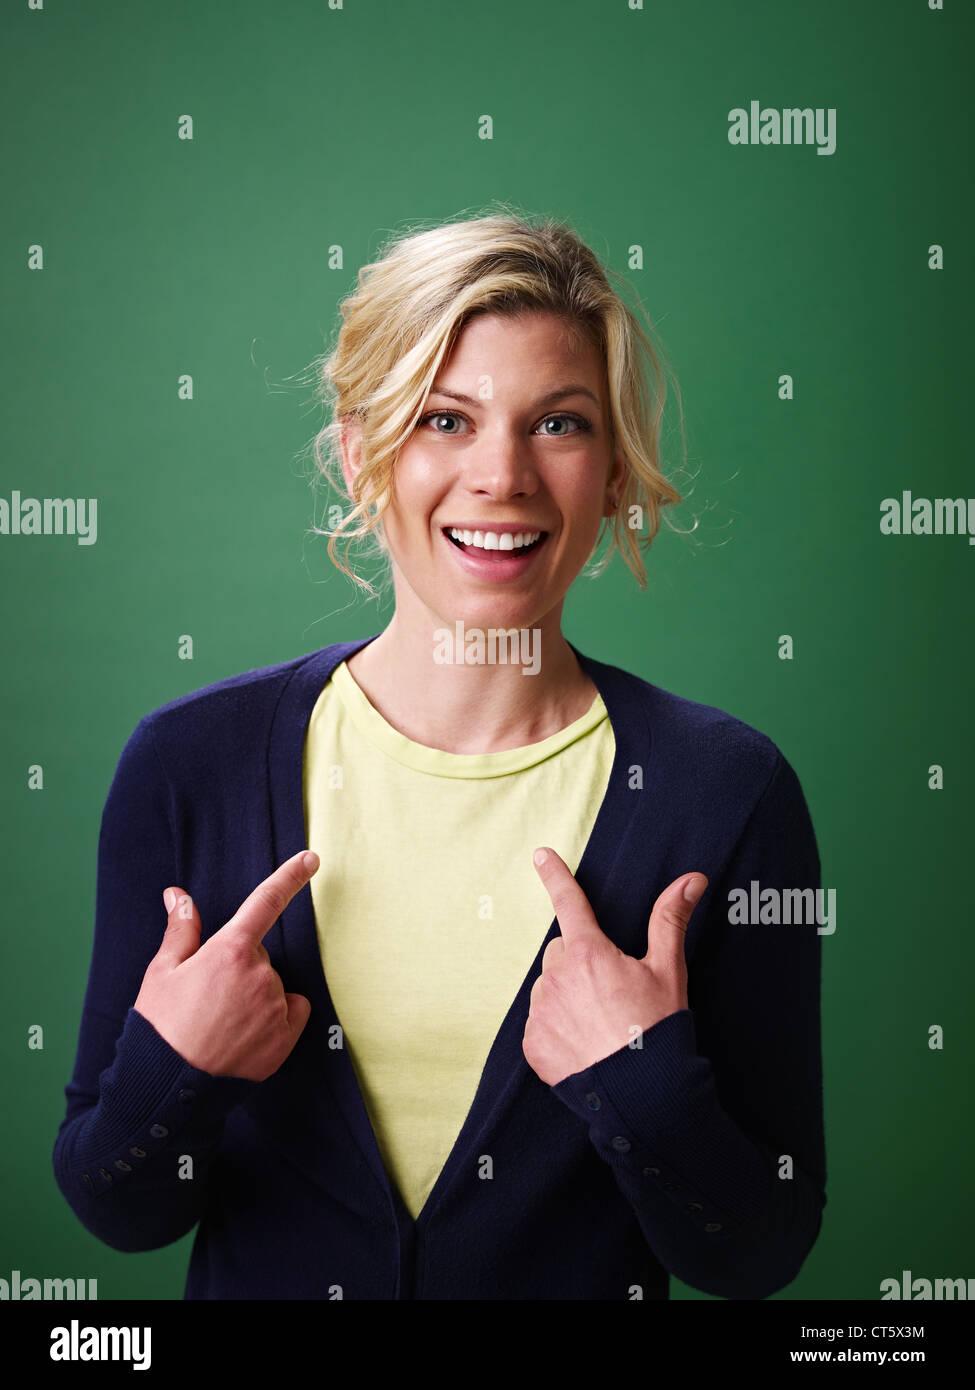 Giovane donna rivolto a se stessa contro lo sfondo di colore verde e guardando la fotocamera Immagini Stock